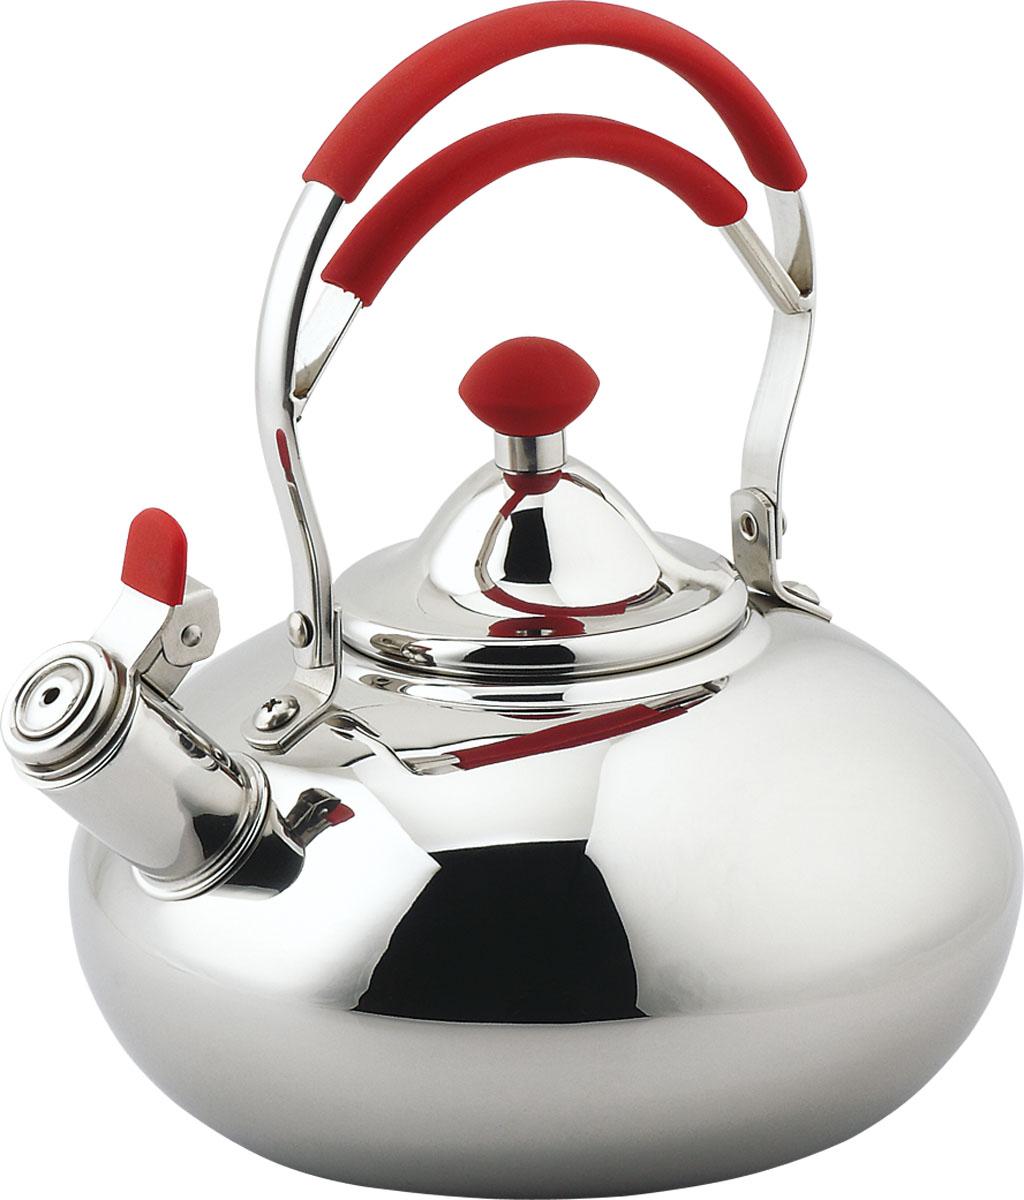 Чайник Bekker De Luxe со свистком, цвет: красный, 3 л. BK-S436BK-S436Чайник Bekker De Luxe изготовлен из высококачественной нержавеющей стали с зеркальной полировкой. Цельнометаллическое дно распределяет тепло по всей поверхности, что позволяет чайнику быстро закипать. Ручка подвижная выполненная из нержавеющей стали со вставками из прорезиненного бакелита красного цвета. Носик оснащен откидным свистком, который подскажет, когда вода закипела.Подходит для всех типов плит, включая индукционные. Можно мыть в посудомоечной машине.